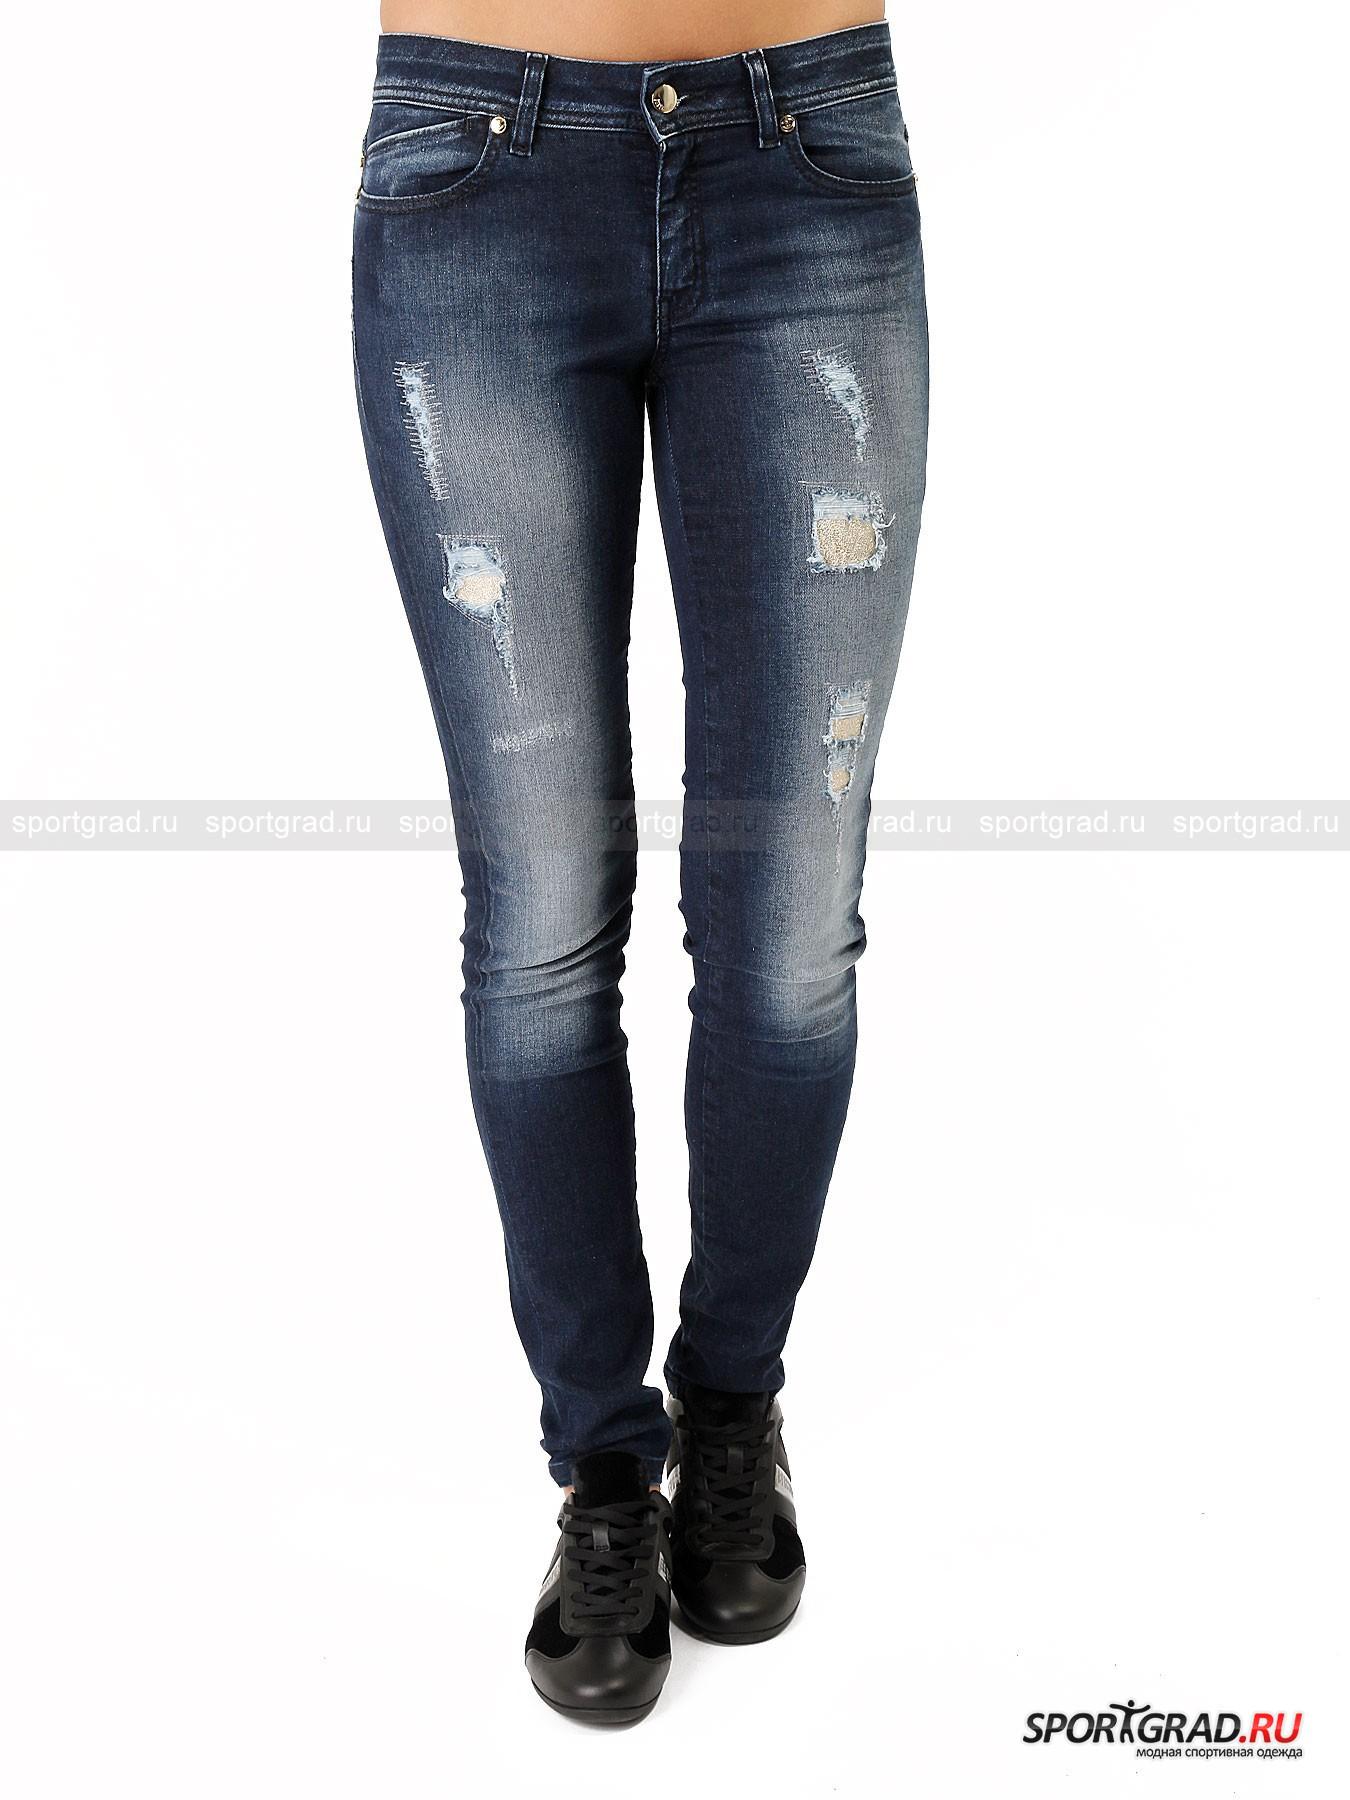 Джинсы женские с заплатками JUST CAVALLIБрюки<br>Обычные темно-синие джинсы фасона «скинни» в исполнении марки Just Cavalli выглядят стильно и необычно, так как дополнены заметными интересными деталями. Кроме модных потертостей они имеют эффектные дыры, заполненные блестящими золотистыми кожаными вставками. Это придает модели нарядности, так что такие джинсы вполне можно надеть  и на вечеринку, тем более что садятся они просто безупречно и идеально подчеркивают все достоинства фигуры.<br><br>Особенности модели:<br>- зауженный крой;<br>- застежка-молния и пуговица;<br>- традиционные пять карманов;<br>- шлевки для ремня;<br>- кокетка на пояснице;<br>- один из задних карманов украшают объемные буквы Just Cavalli.<br><br>Пол: Женский<br>Возраст: Взрослый<br>Тип: Брюки<br>Рекомендации по уходу: стирка в теплой воде до 30 С; не отбеливать; гладить при средней температуре (до 150 C); химчистка запрещена; нельзя выжимать и сушить в стиральной машине<br>Состав: 90% хлопок, 8% эластомультиэстер, 2% эластан; вставки 100% кожа